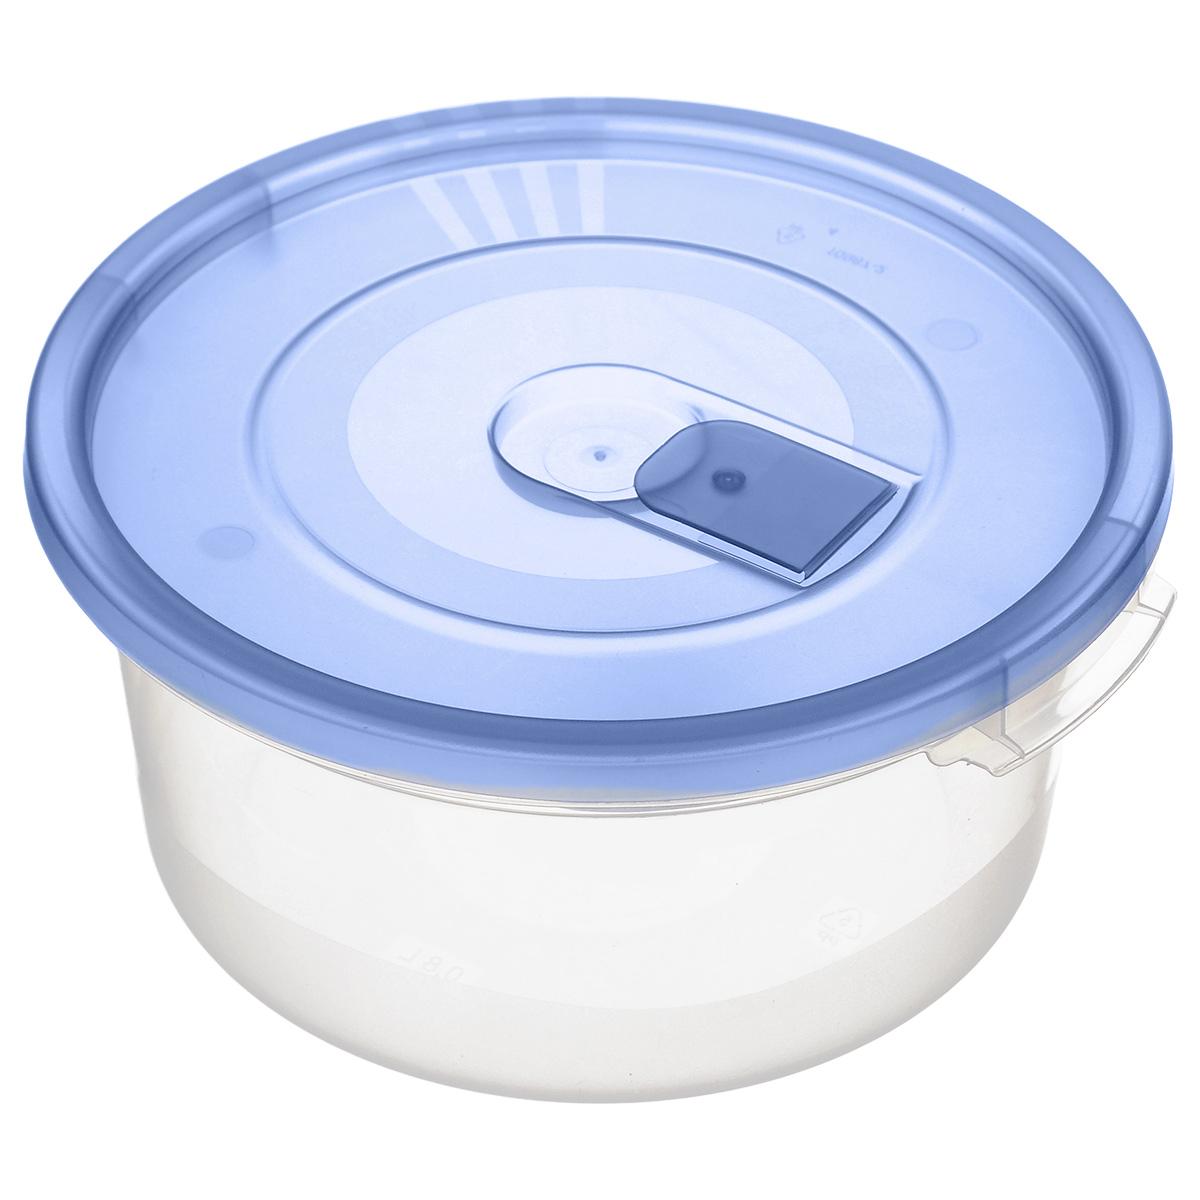 Контейнер Полимербыт Смайл, цвет: голубой, прозрачный, 800 млС521_голубойКонтейнер Полимербыт Смайл круглой формы, изготовленный из прочного пластика, специально предназначен для хранения пищевых продуктов. Контейнер оснащен герметичной крышкой со специальным клапаном, благодаря которому внутри создается вакуум и продукты дольше сохраняют свежесть и аромат. Крышка легко открывается и плотно закрывается. Стенки контейнера прозрачные - хорошо видно, что внутри. Контейнер устойчив к воздействию масел и жиров, легко моется. Контейнер имеет возможность хранения продуктов глубокой заморозки, обладает высокой прочностью. Можно мыть в посудомоечной машине. Подходит для использования в микроволновых печах. Диаметр: 15 см. Высота (без крышки): 7 см.